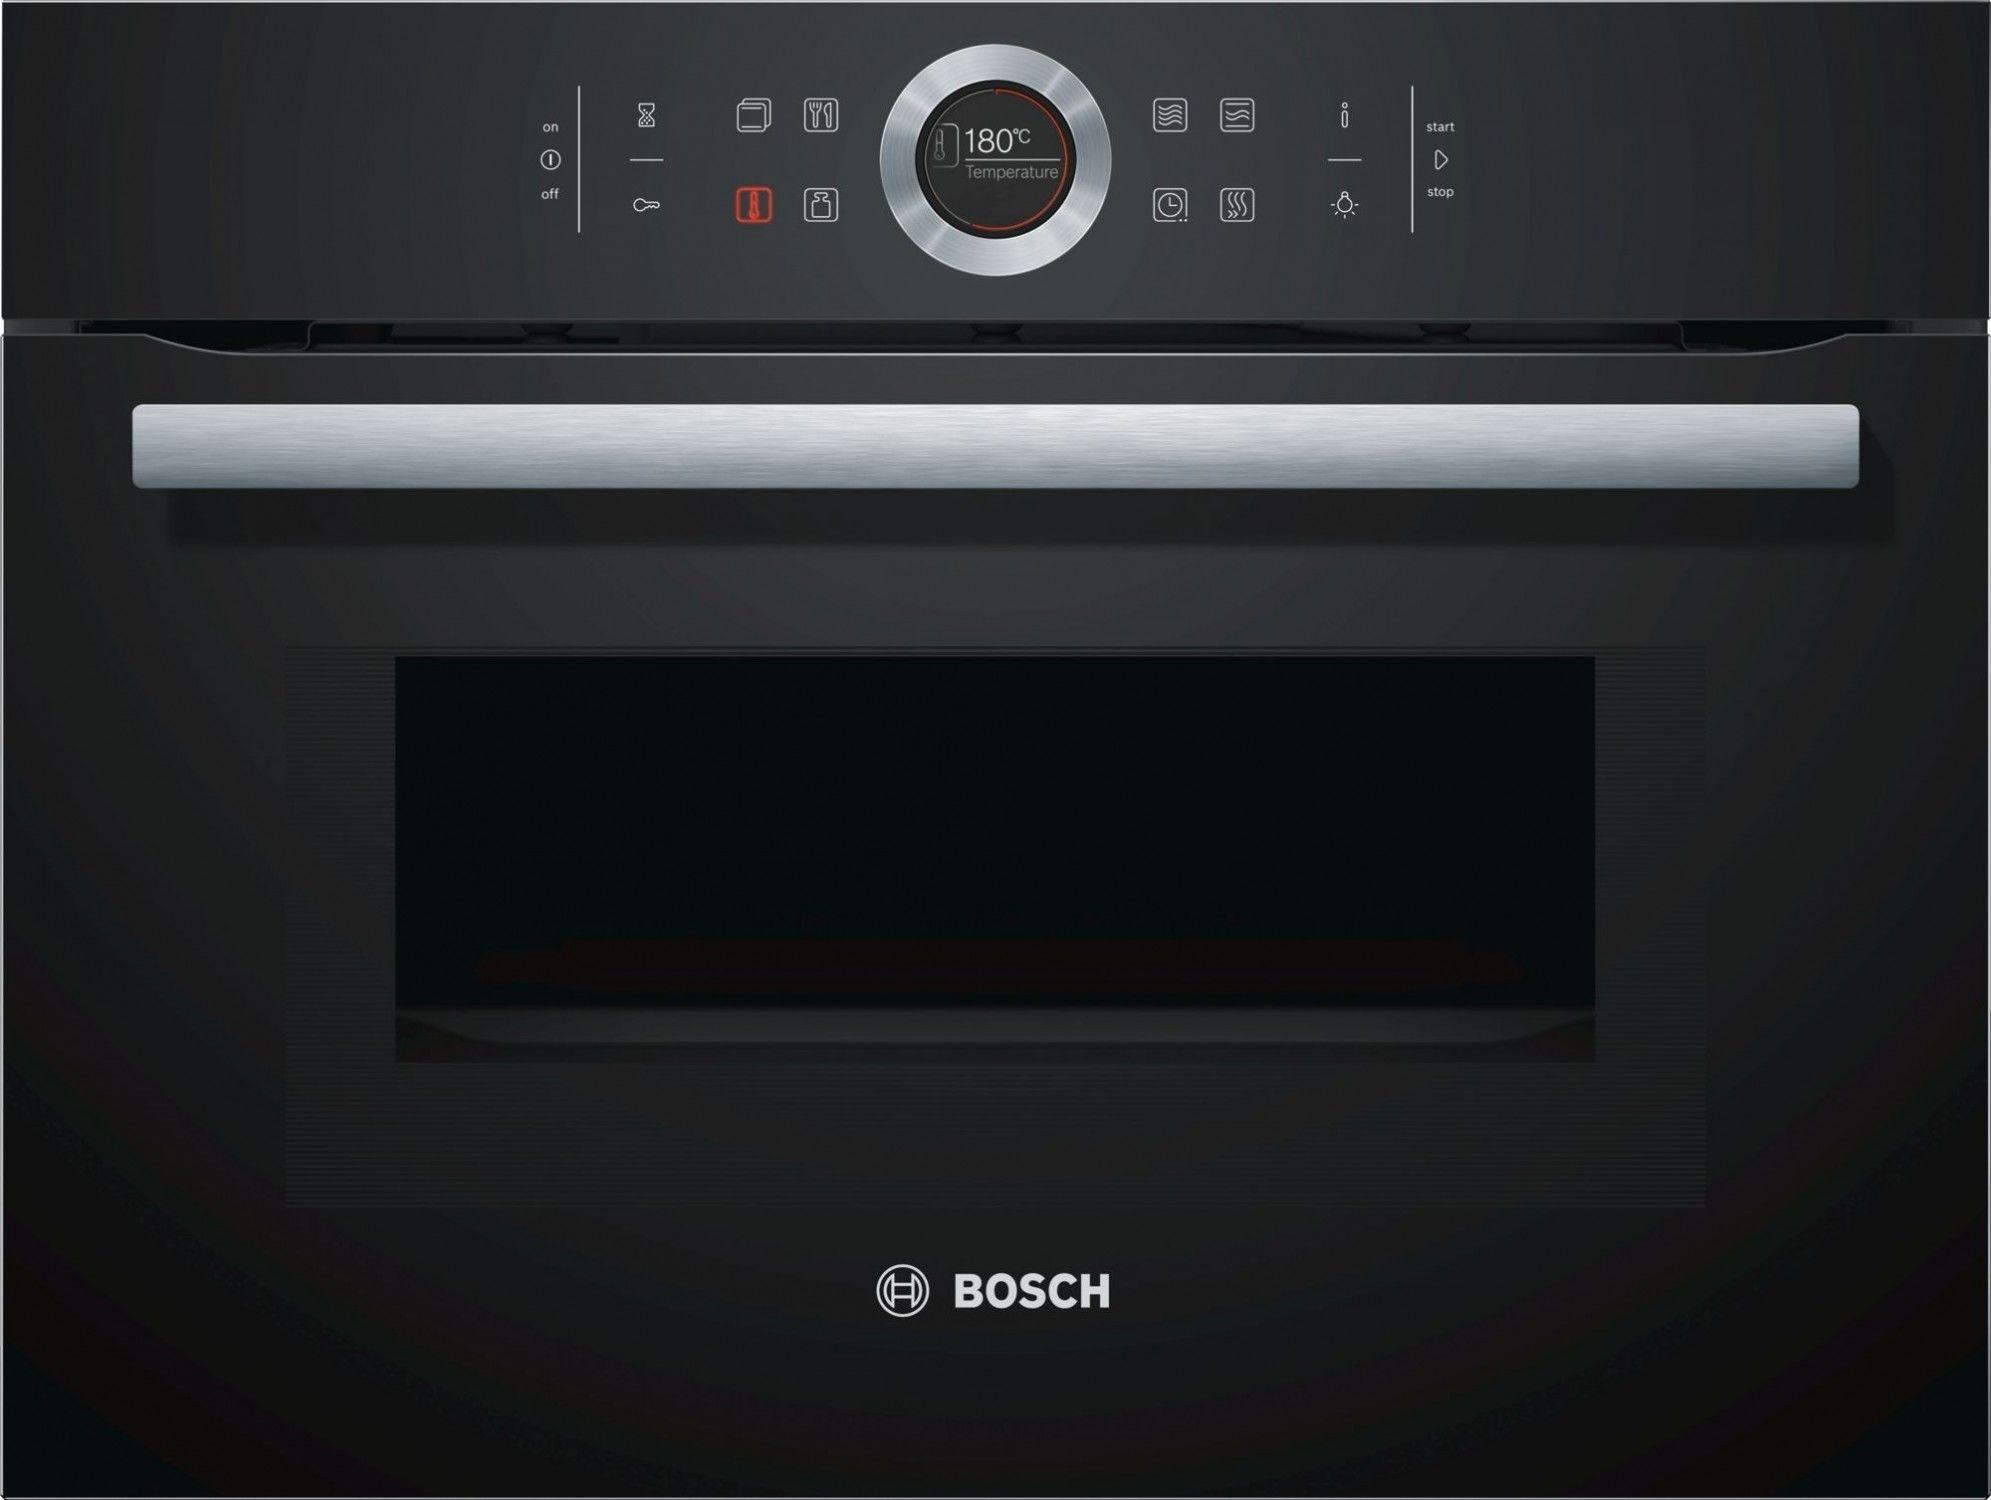 Piekarnik kompaktowy Bosch CMG633BB1, I tel. (22) 266 82 20 I Raty 0 % I kto pyta płaci mniej I Płatności online !